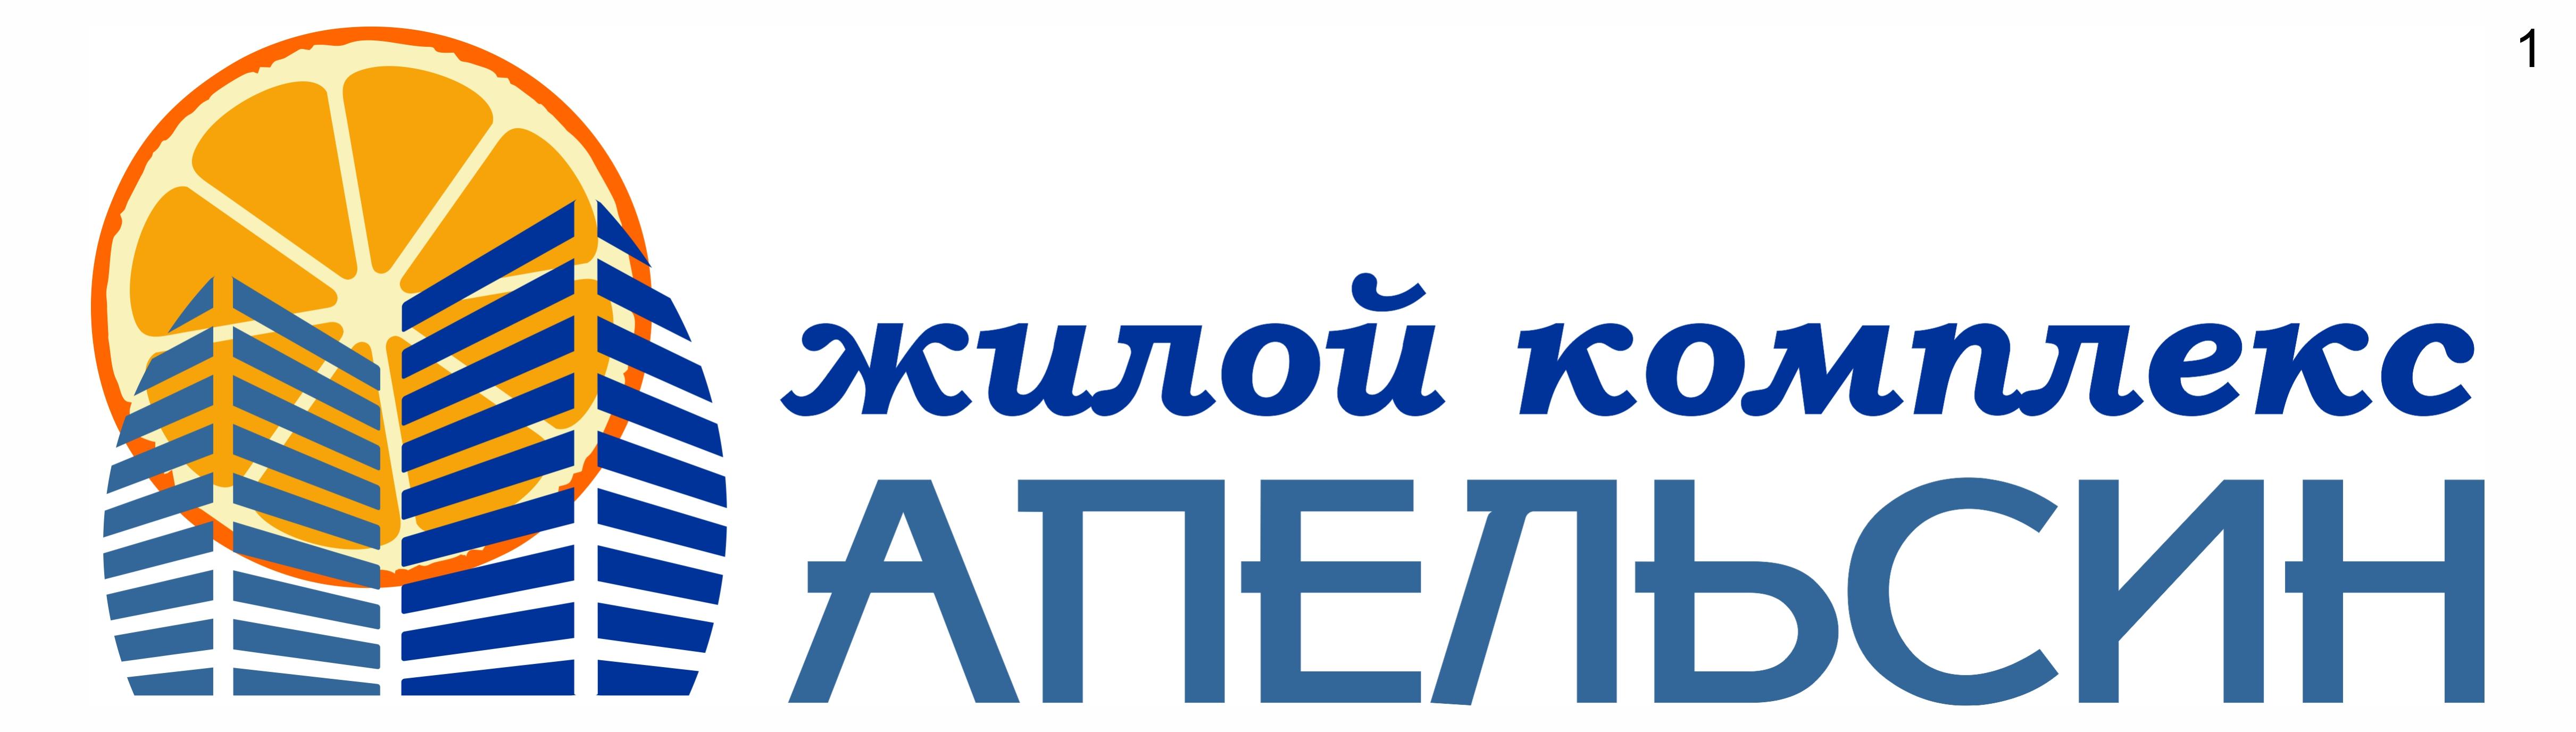 Логотип и фирменный стиль фото f_8815a66fbb411f2b.jpg